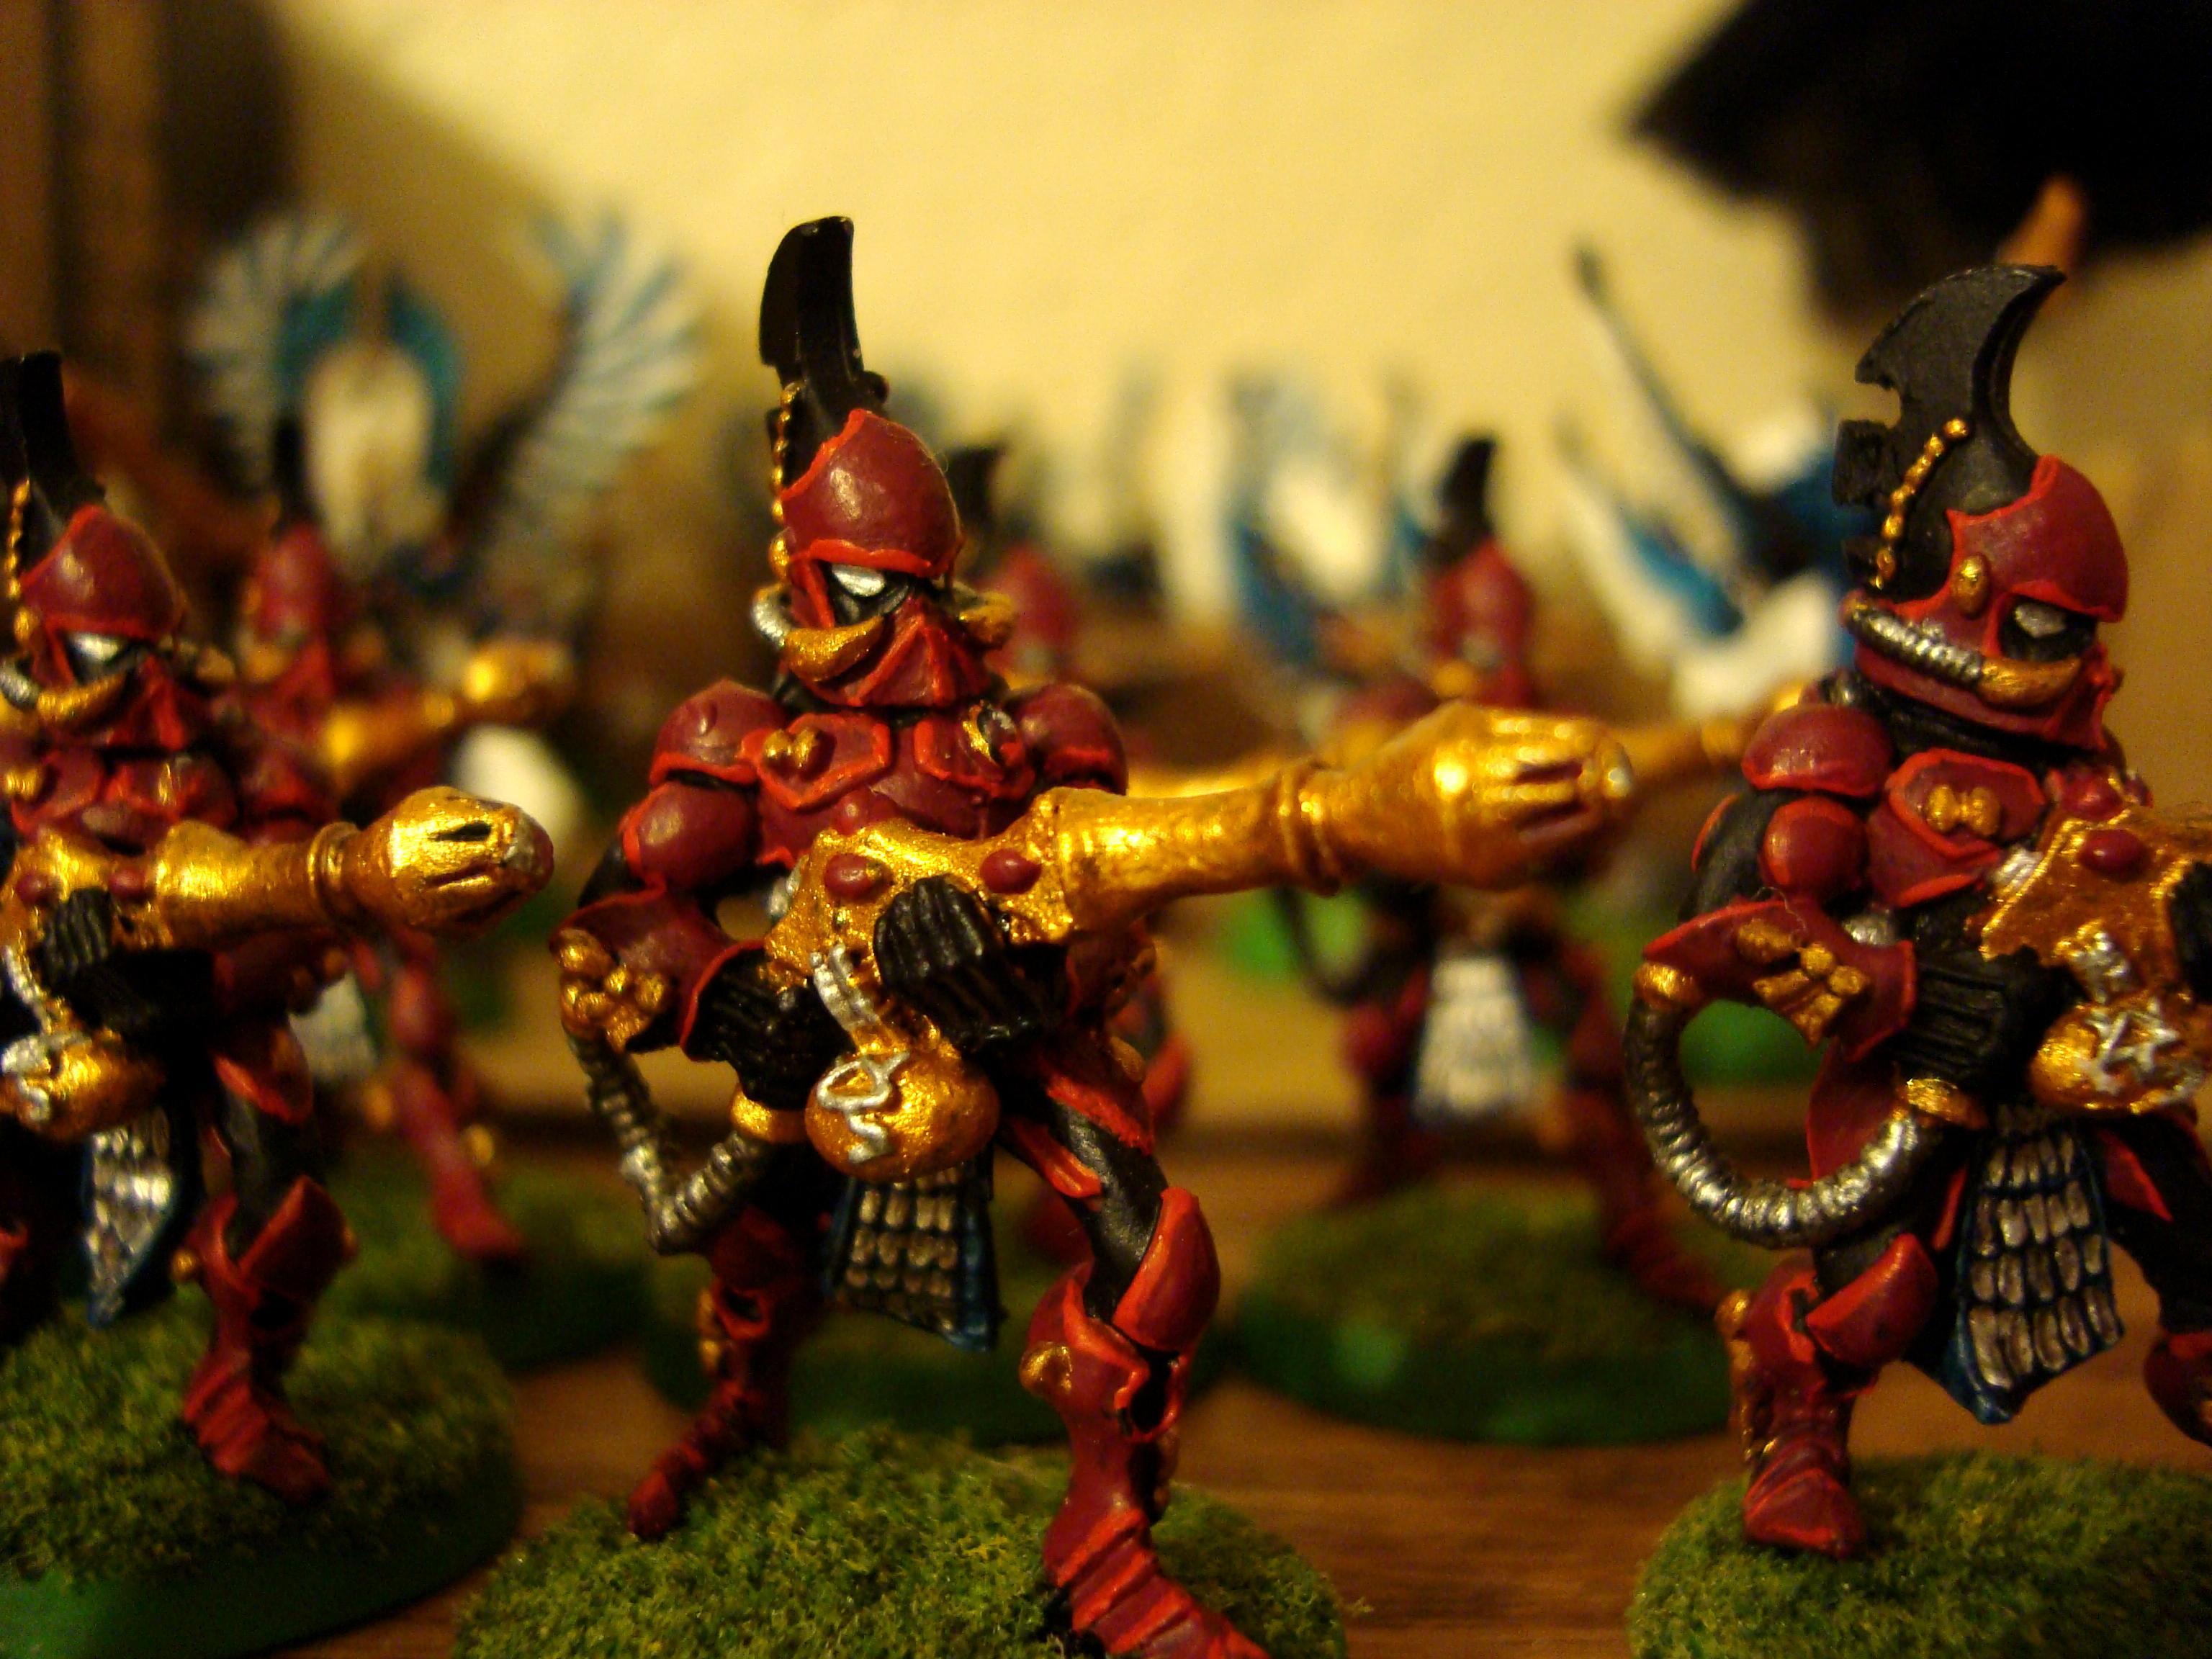 Eldar, Fire Dragon, Uaire-nem, Warhammer 40,000